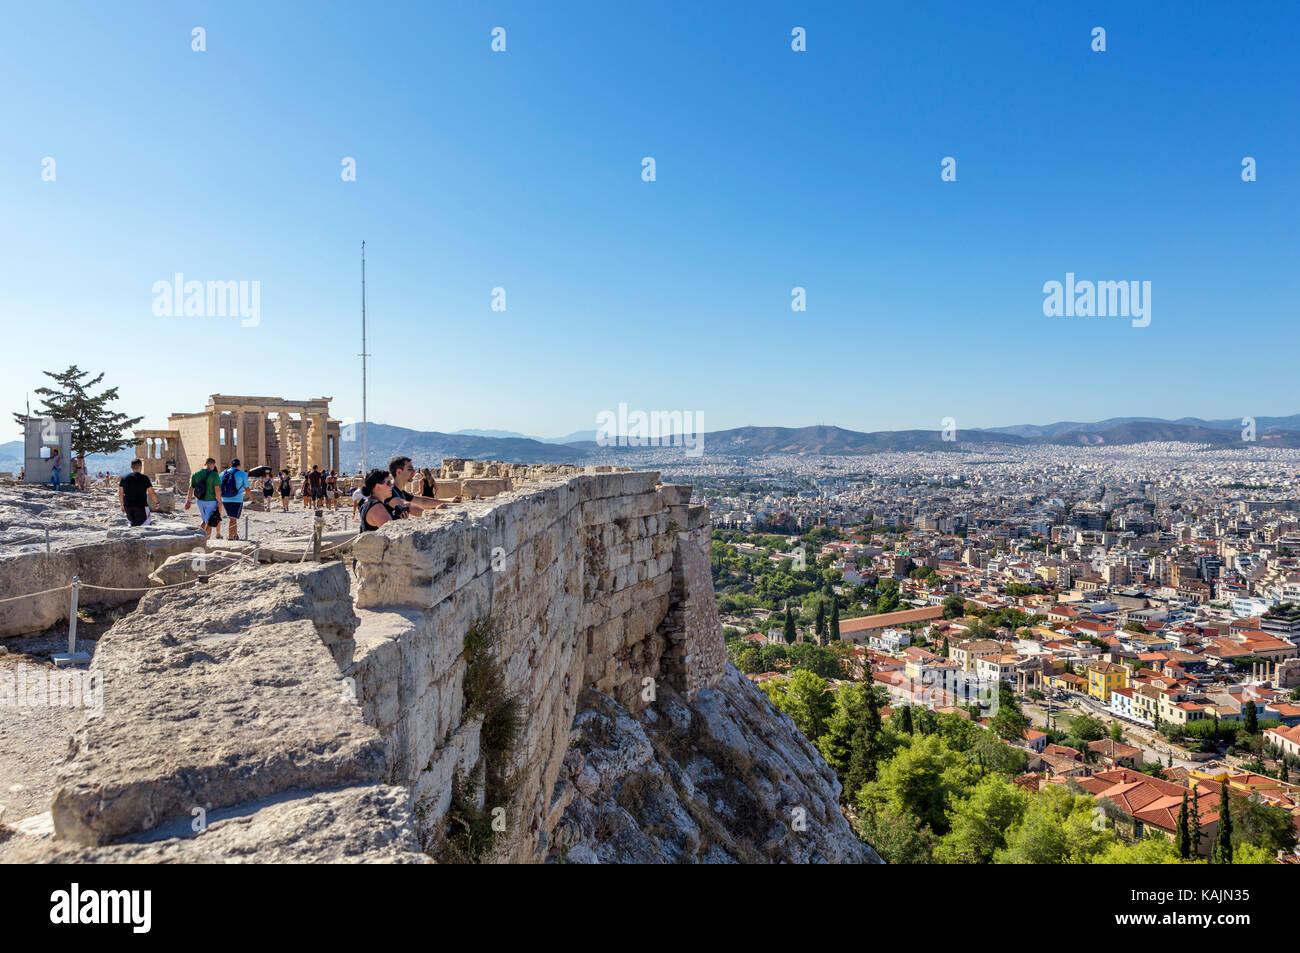 Sur la ville de l'enceinte de l'Acropole, Athènes, Grèce Photo Stock